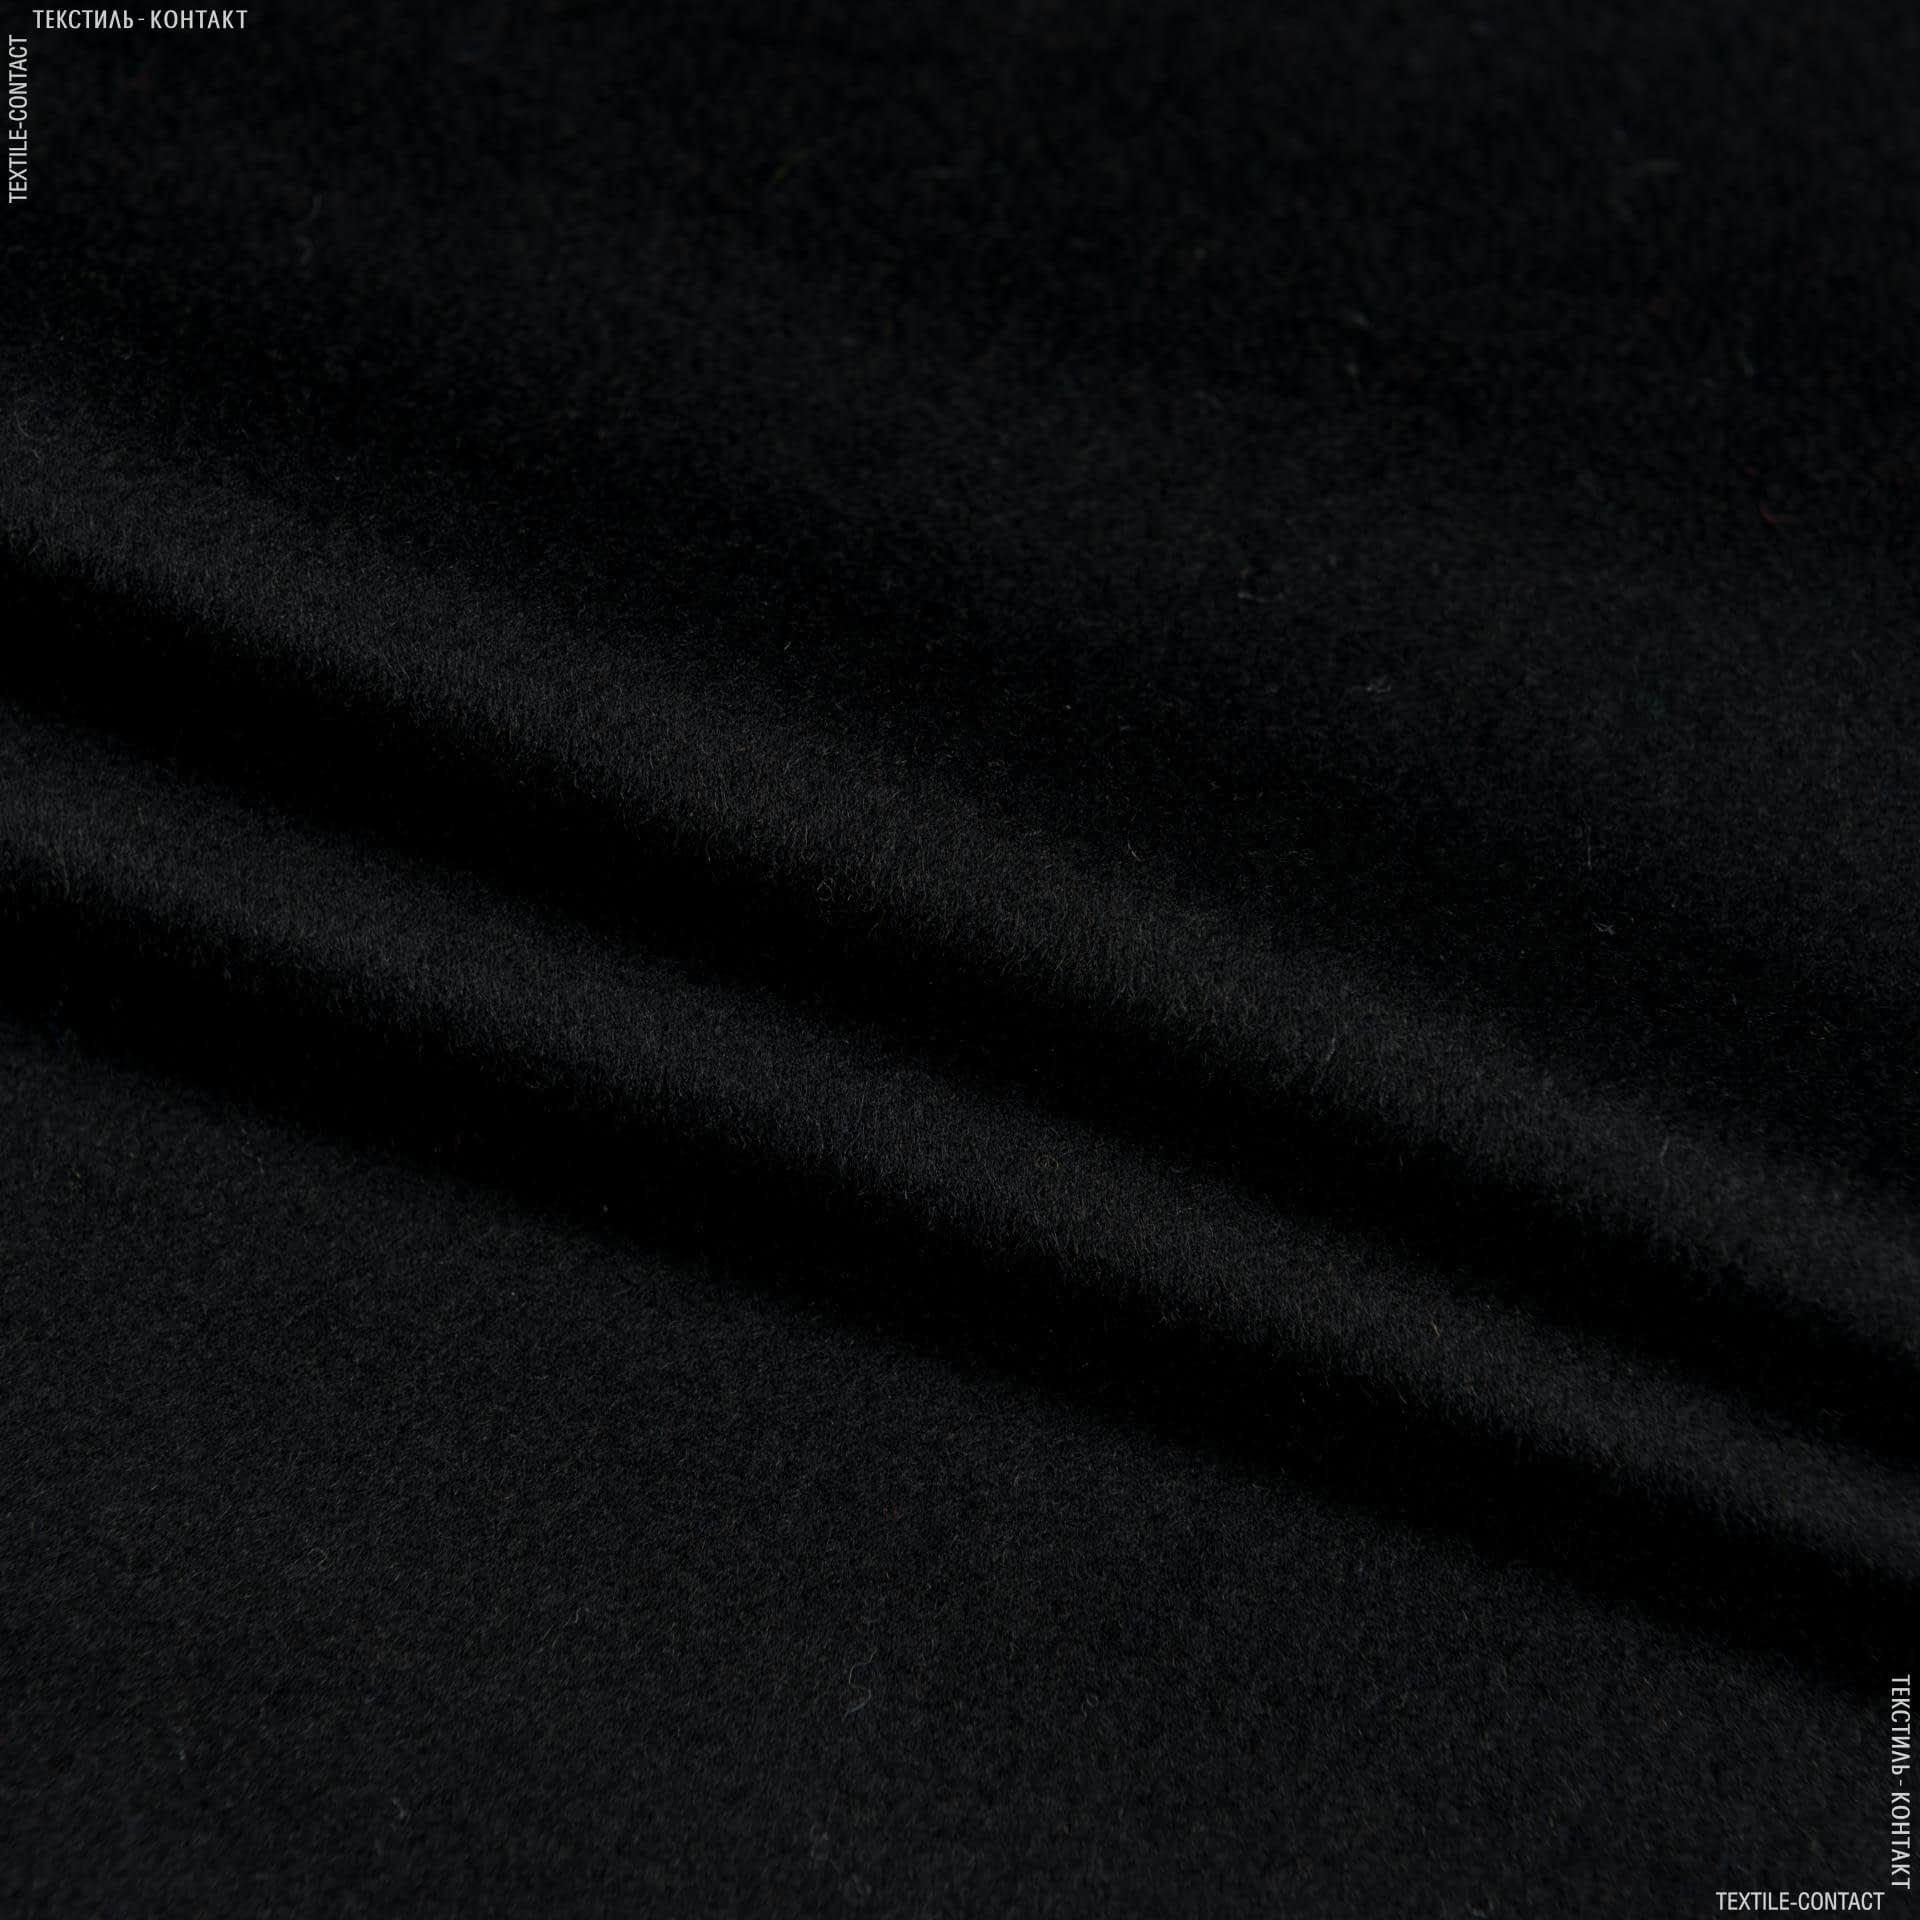 Тканини для верхнього одягу - Пальтовий кашемір чорний